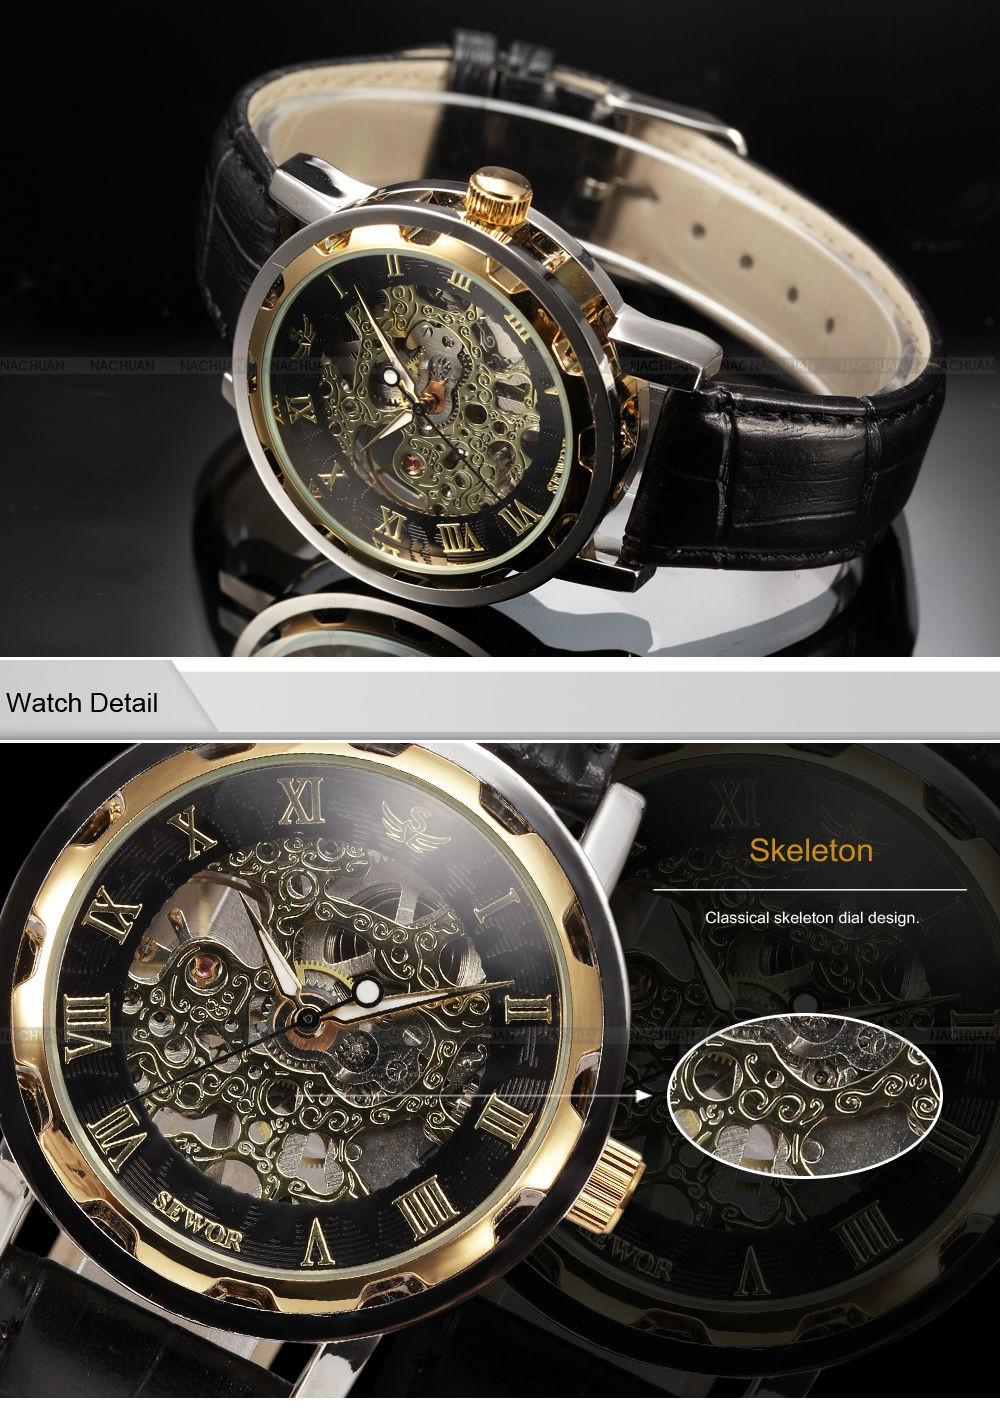 3df93dc4e814 Click here to Buy Now!! SEWOR Марка Hollow Скелет наручные часы Мода  Повседневное Механический ручной взвод часы человек часы Роскошный мужской  Бизнес кожа ...